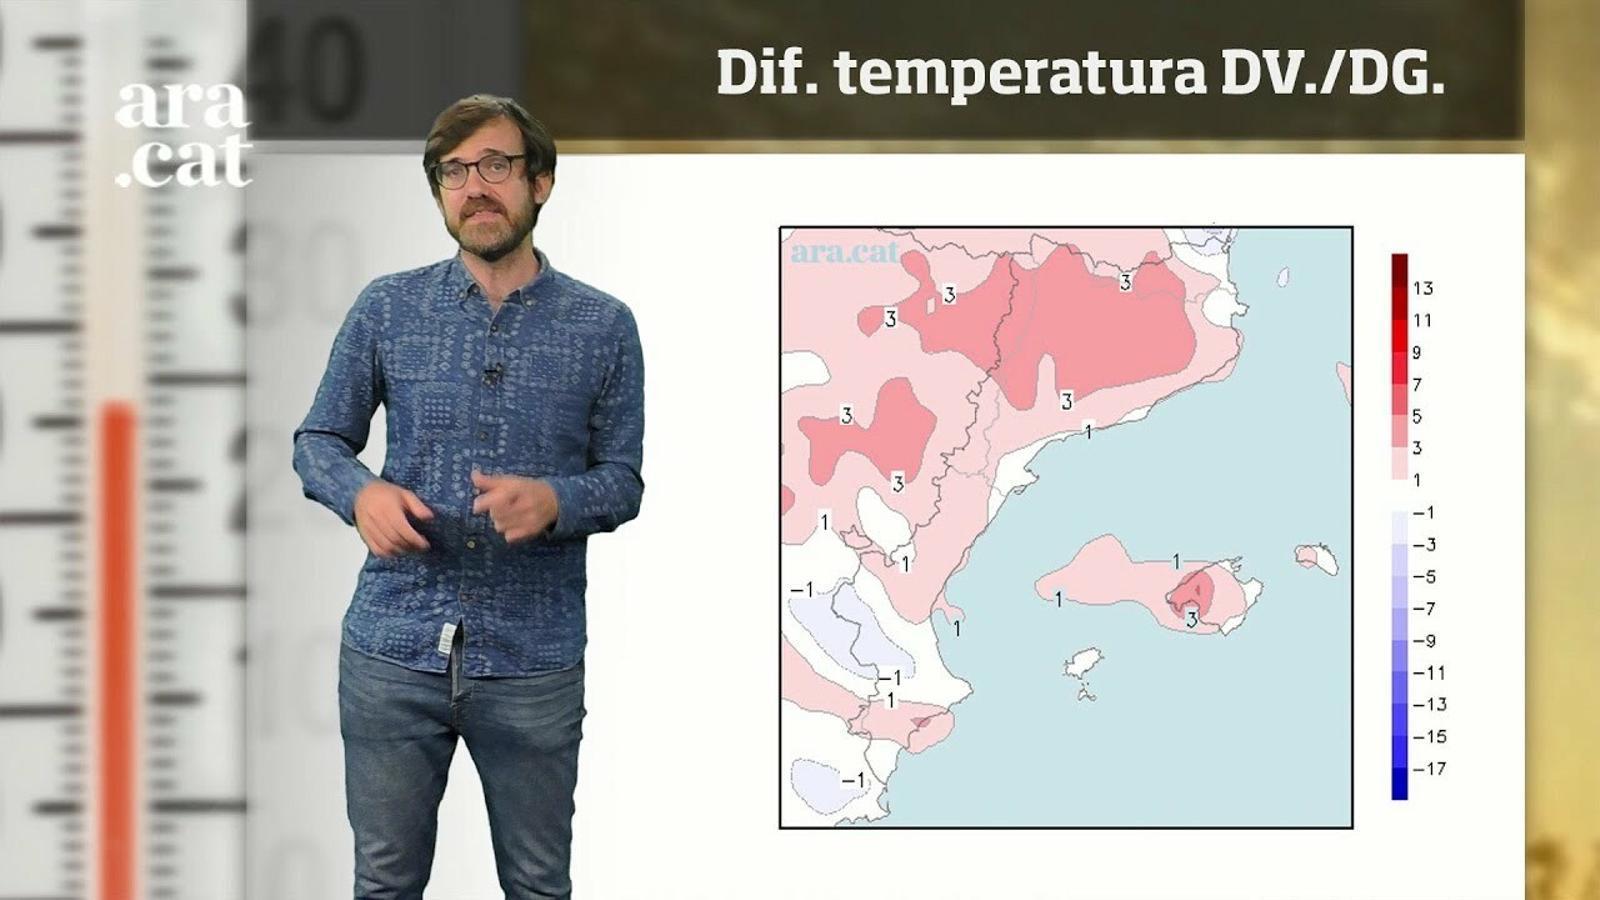 Méteo especial: una altra calorada la setmana que ve